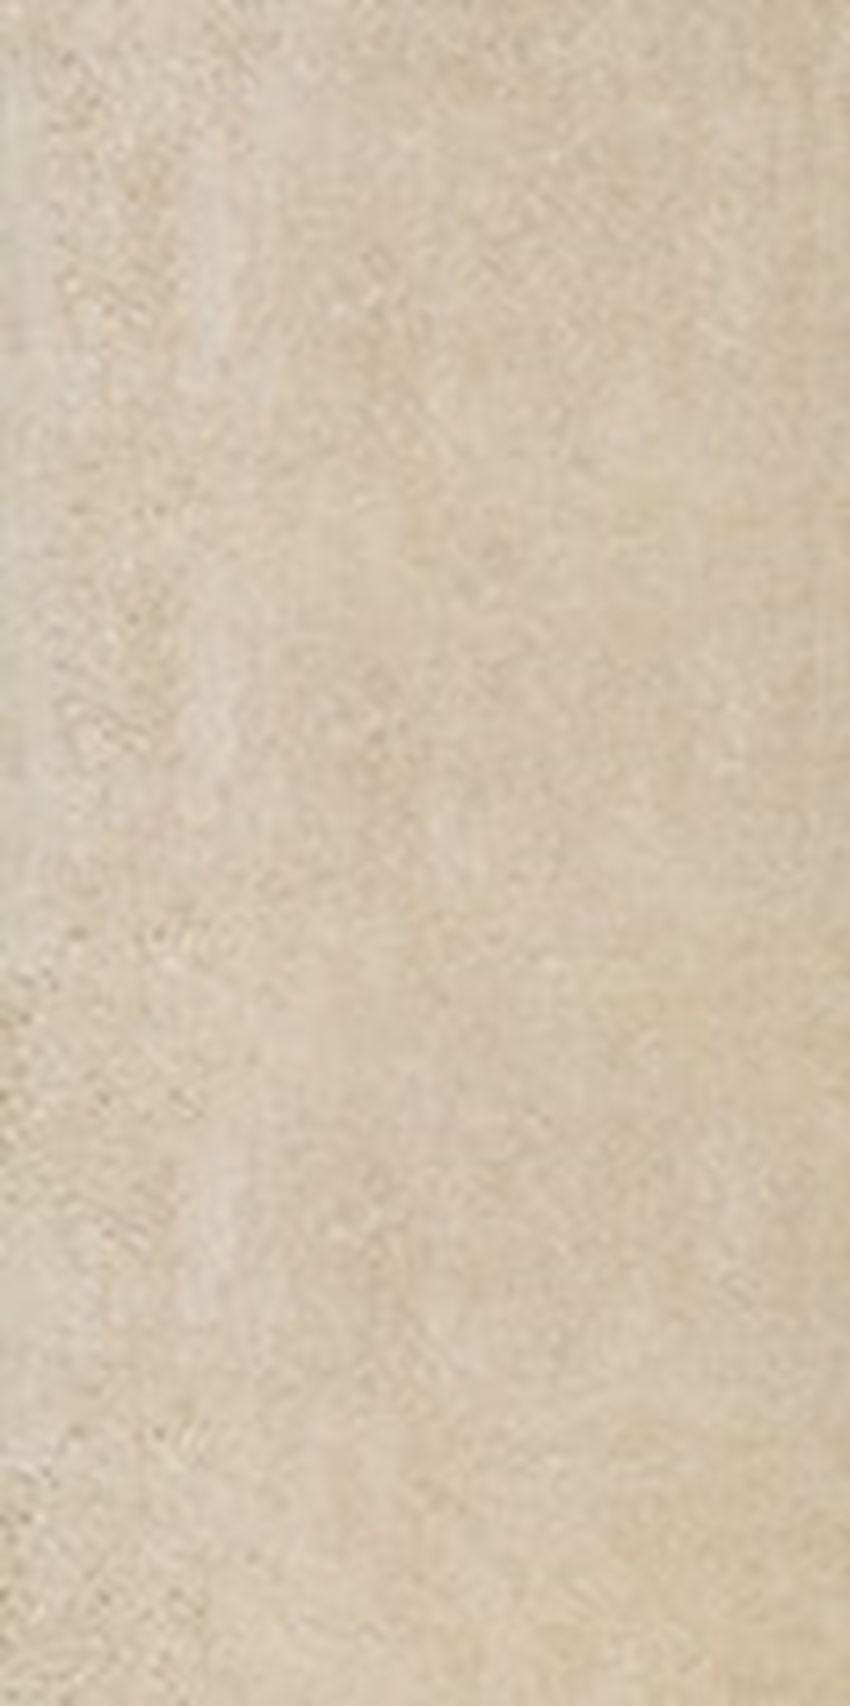 Płytka ścienno-podłogowa 59,5x119,5 cm Paradyż Optimal Beige Płyta Tarasowa 2.0